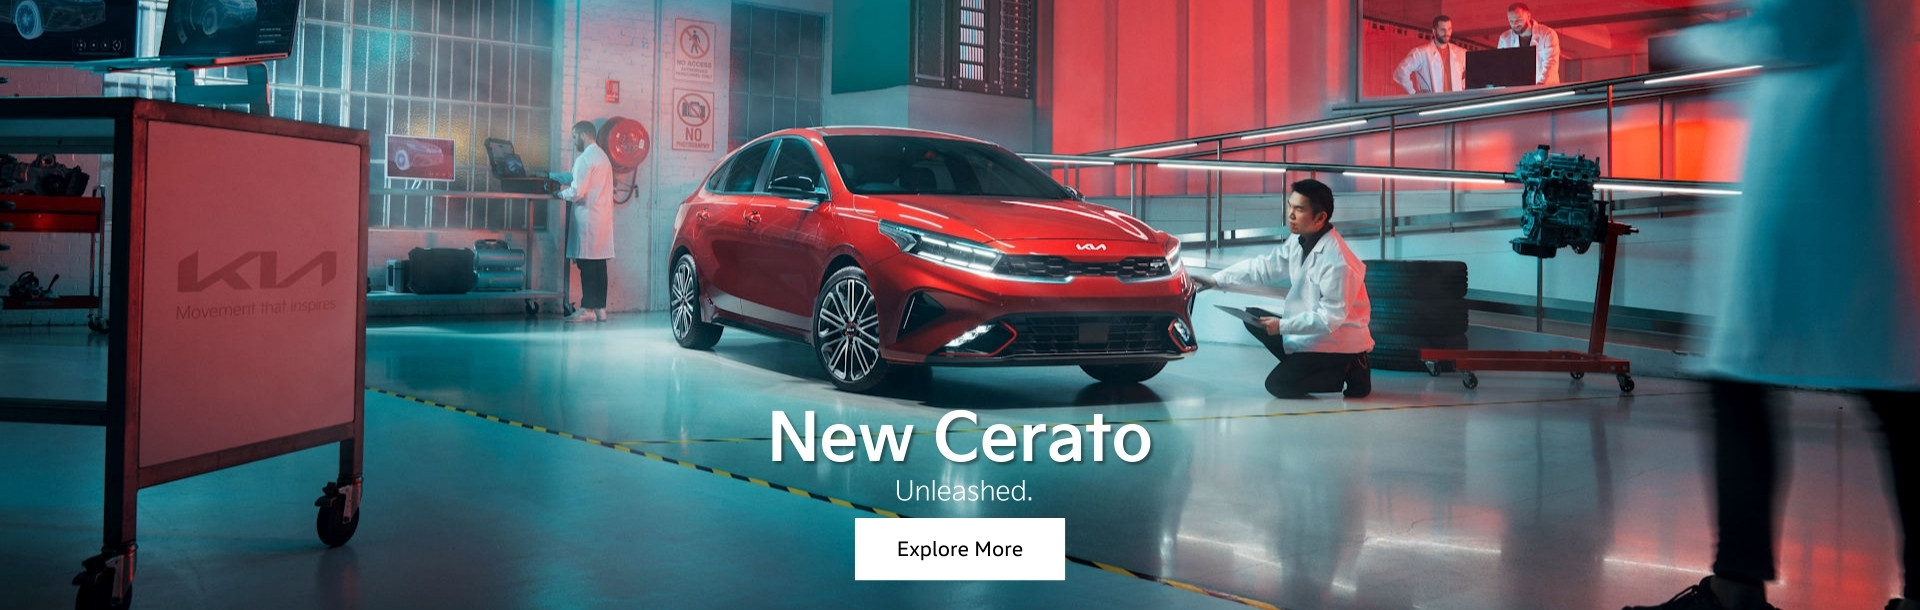 The New Cerato